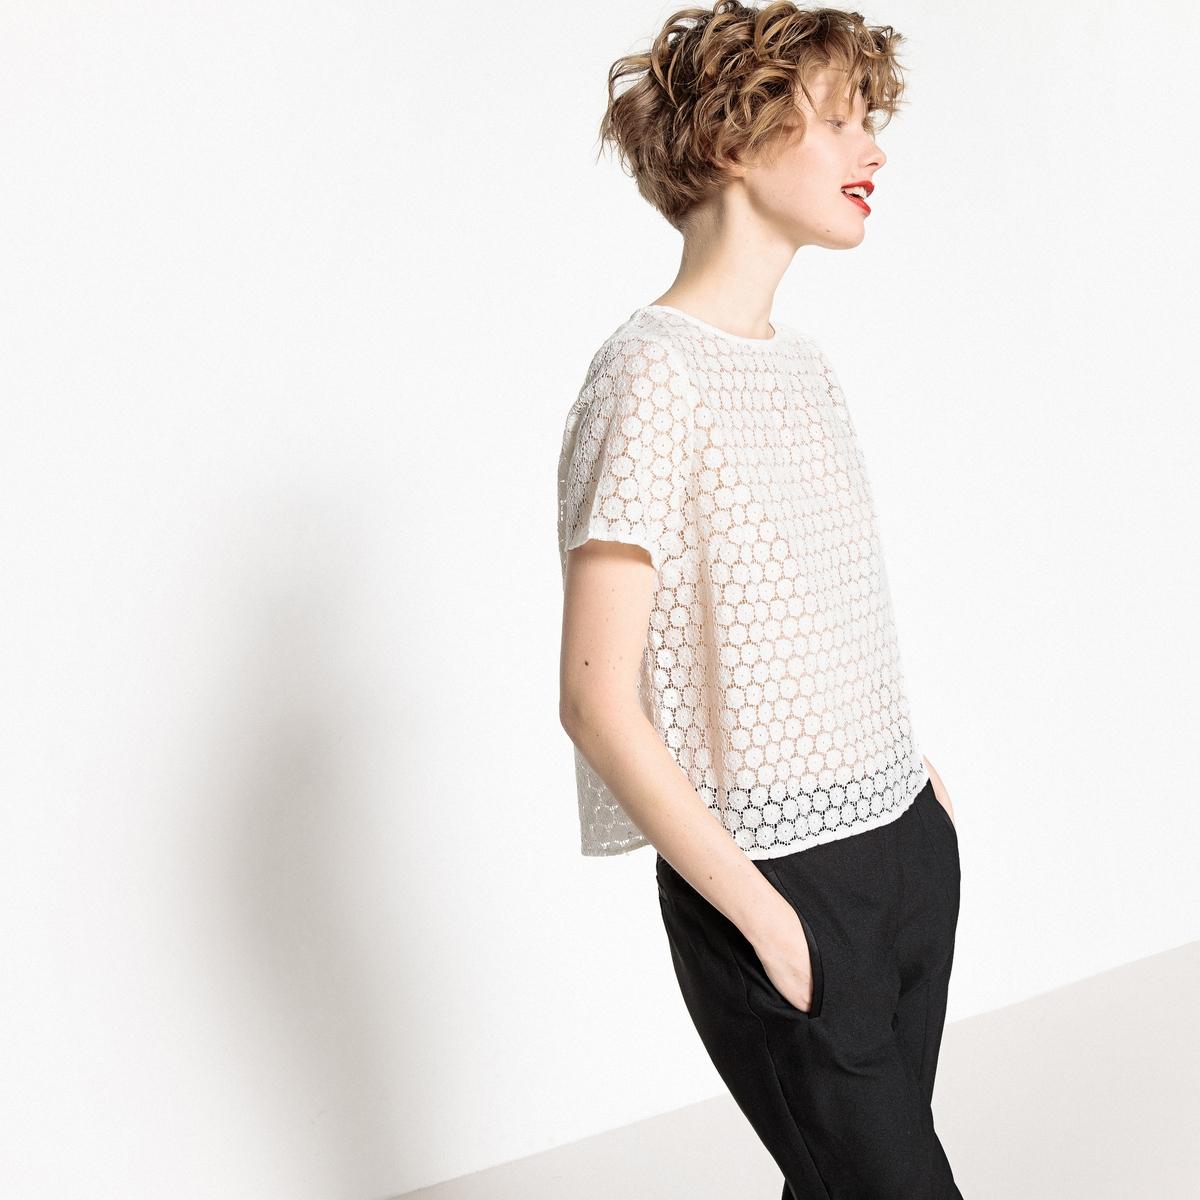 Блузка с круглым вырезом, короткими рукавами и английской вышивкой